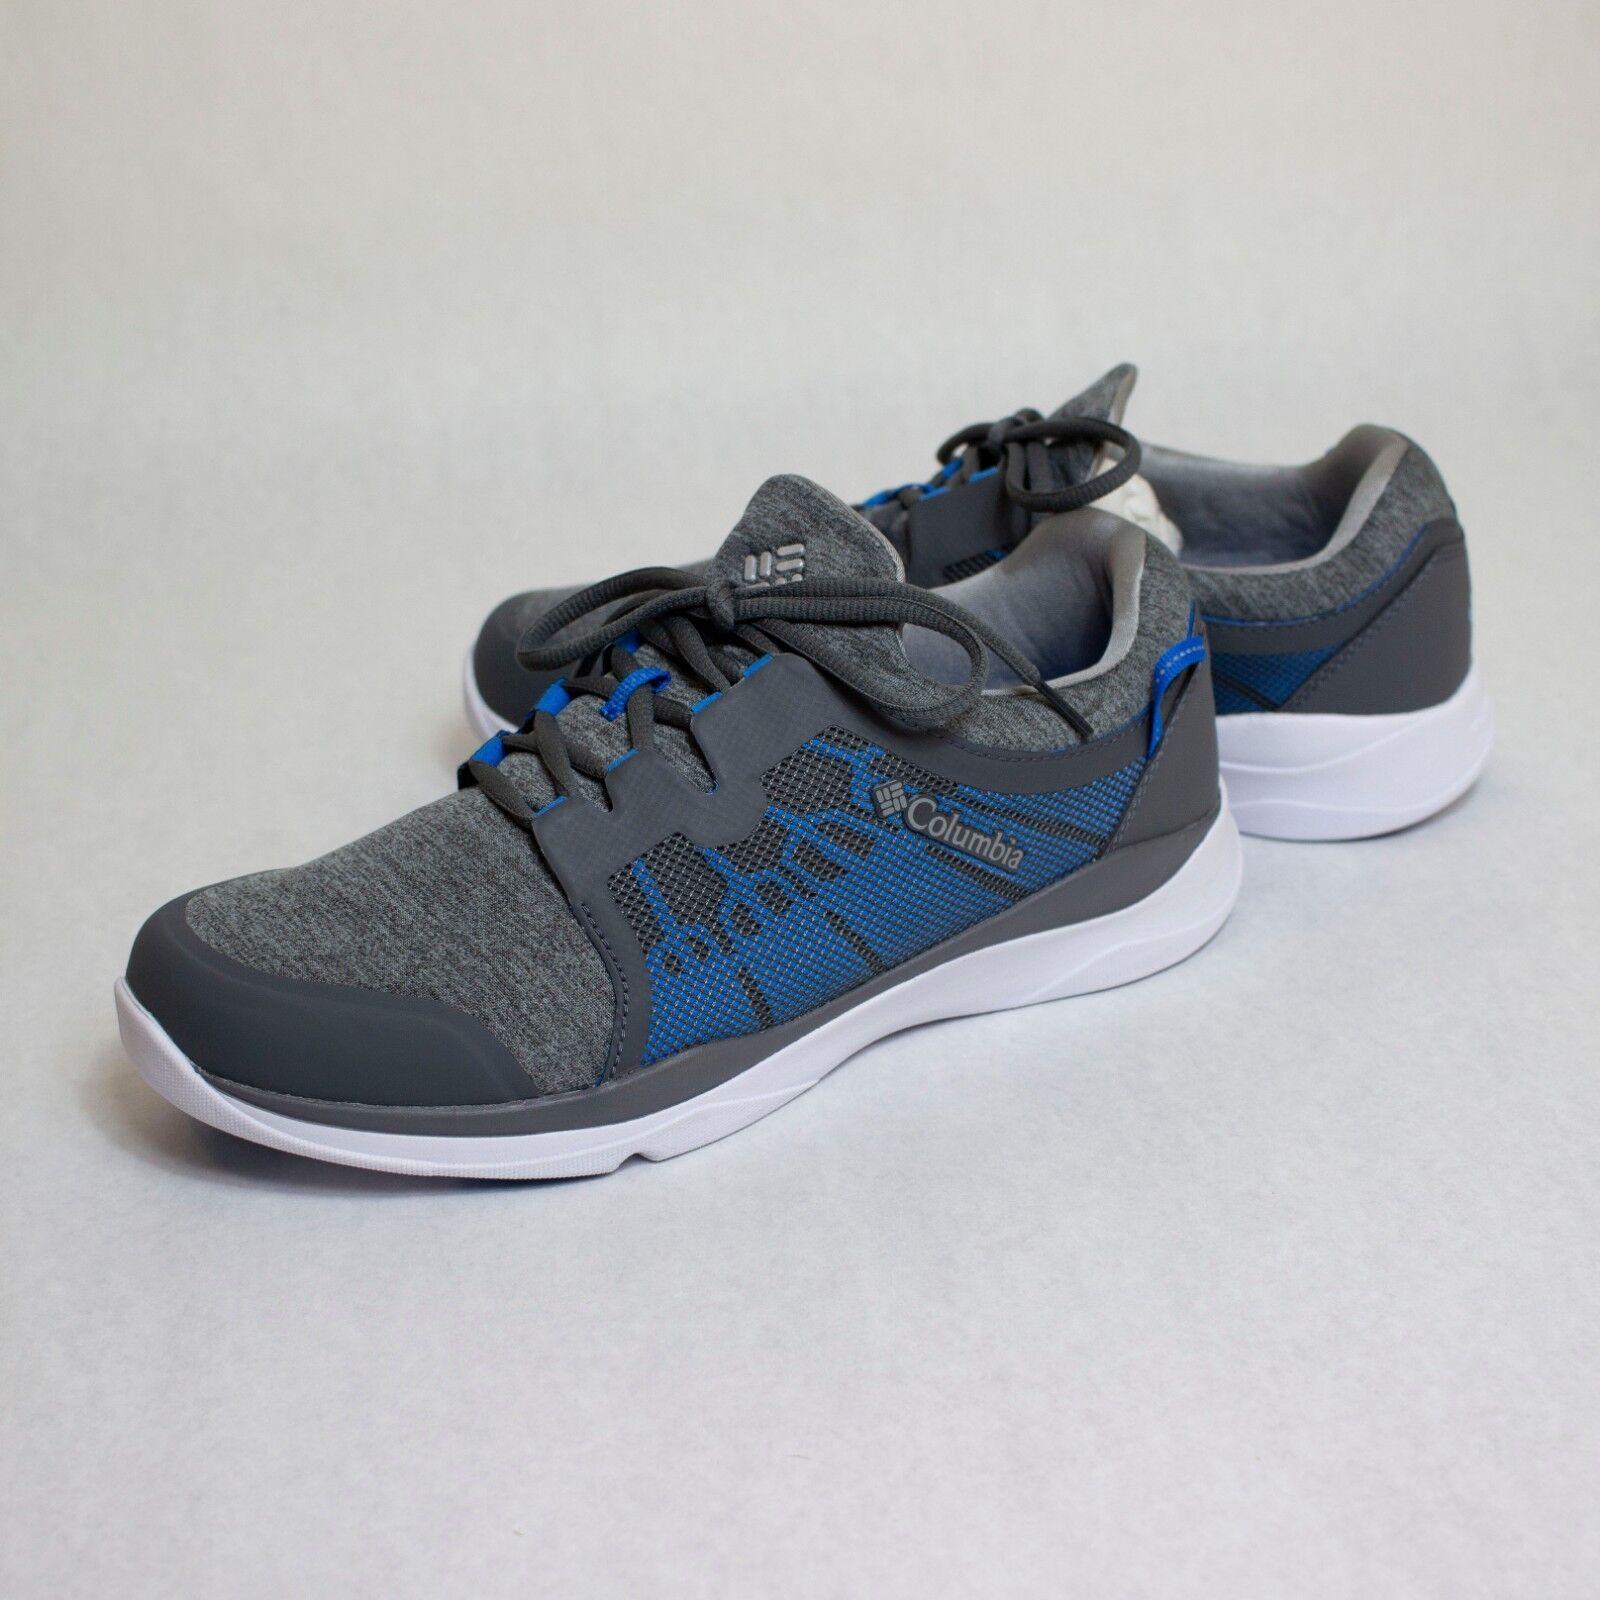 Columbia herr ATS Trail LFA92 Monumänt     Hyper blå skor storlek 10  letar efter försäljningsagent